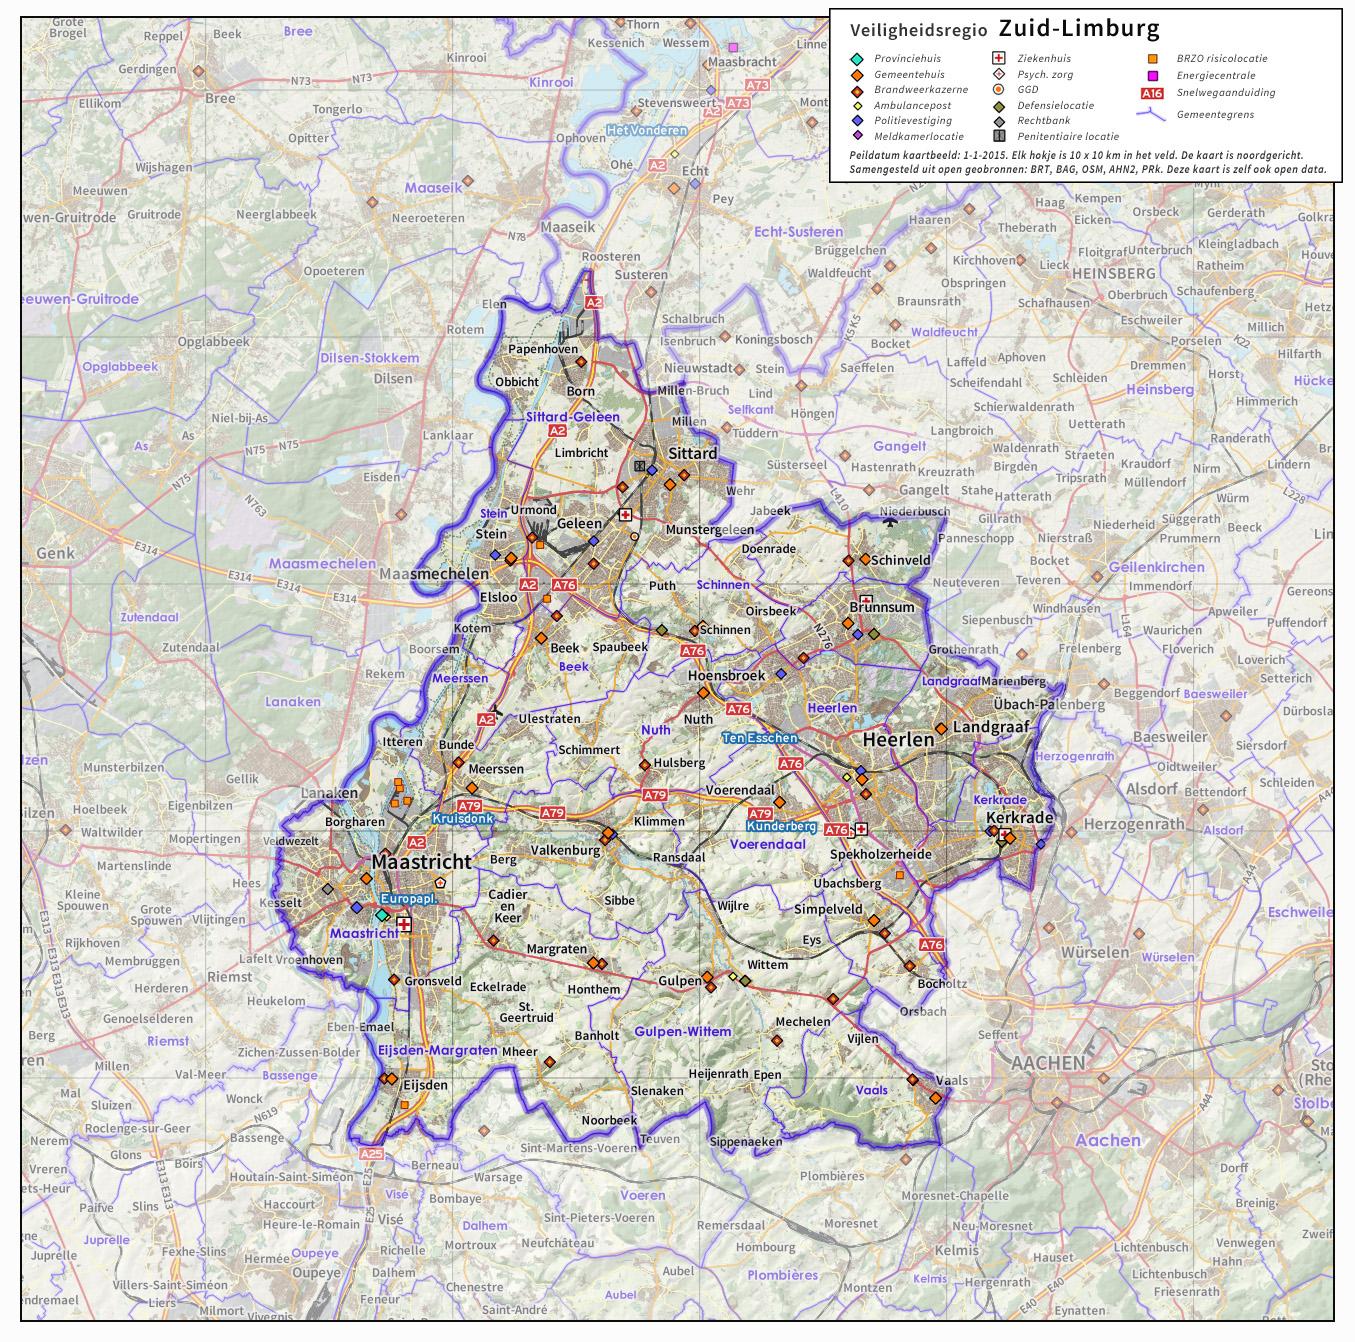 Bestand 2015 R24 Zuid Limburg jpg   Wikipedia